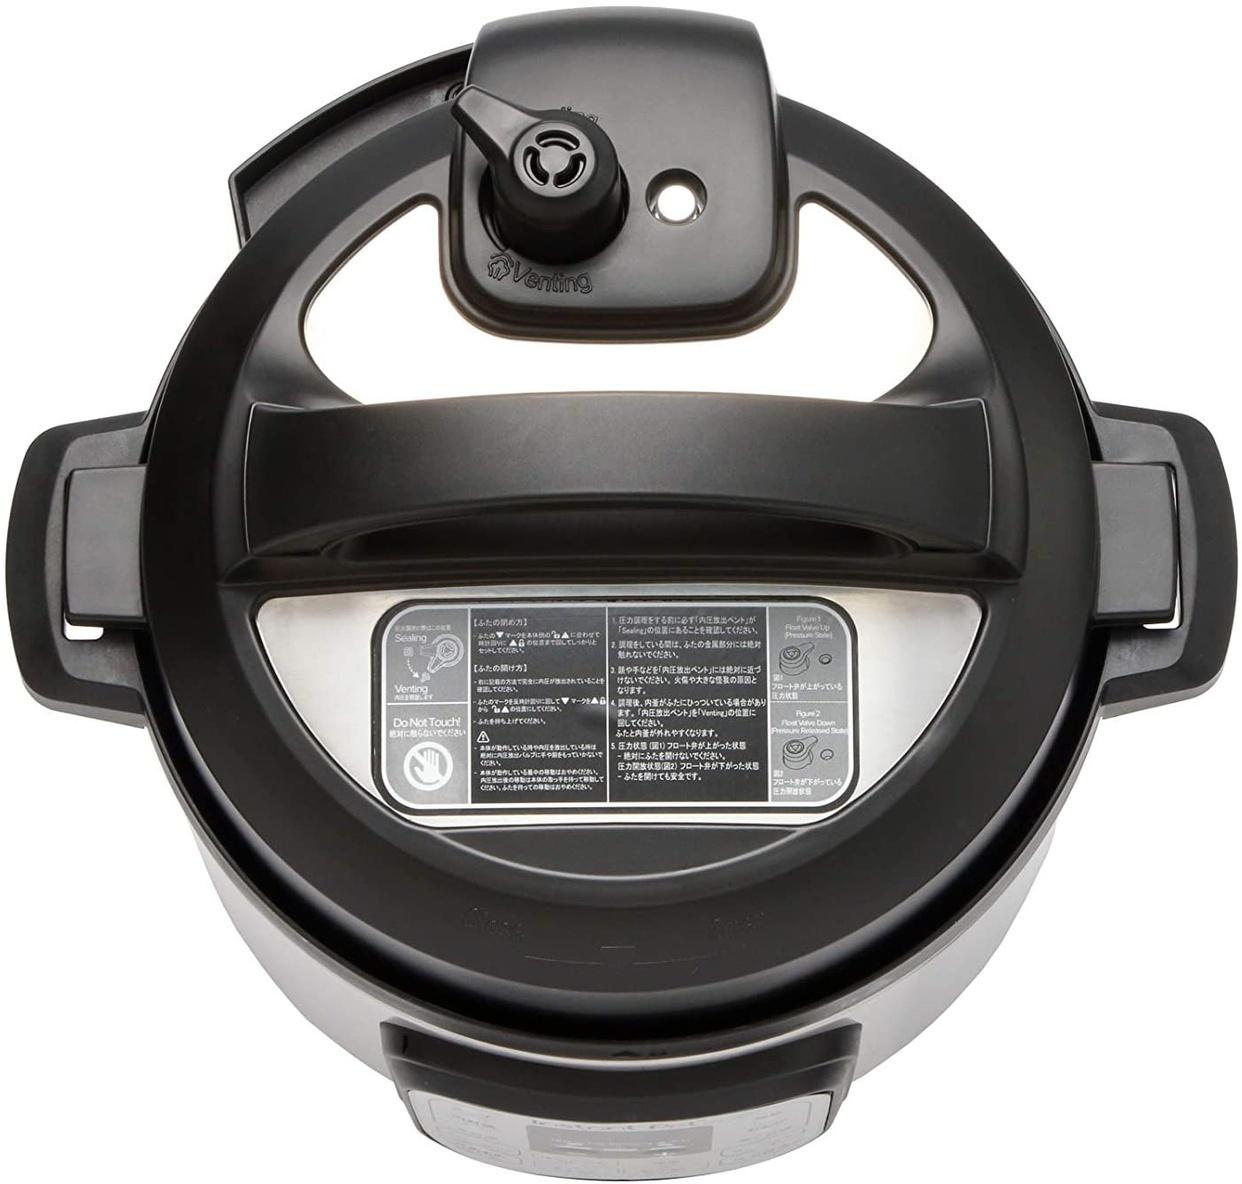 Instant Pot(インスタントポット) インスタントポット DUO Miniの商品画像2